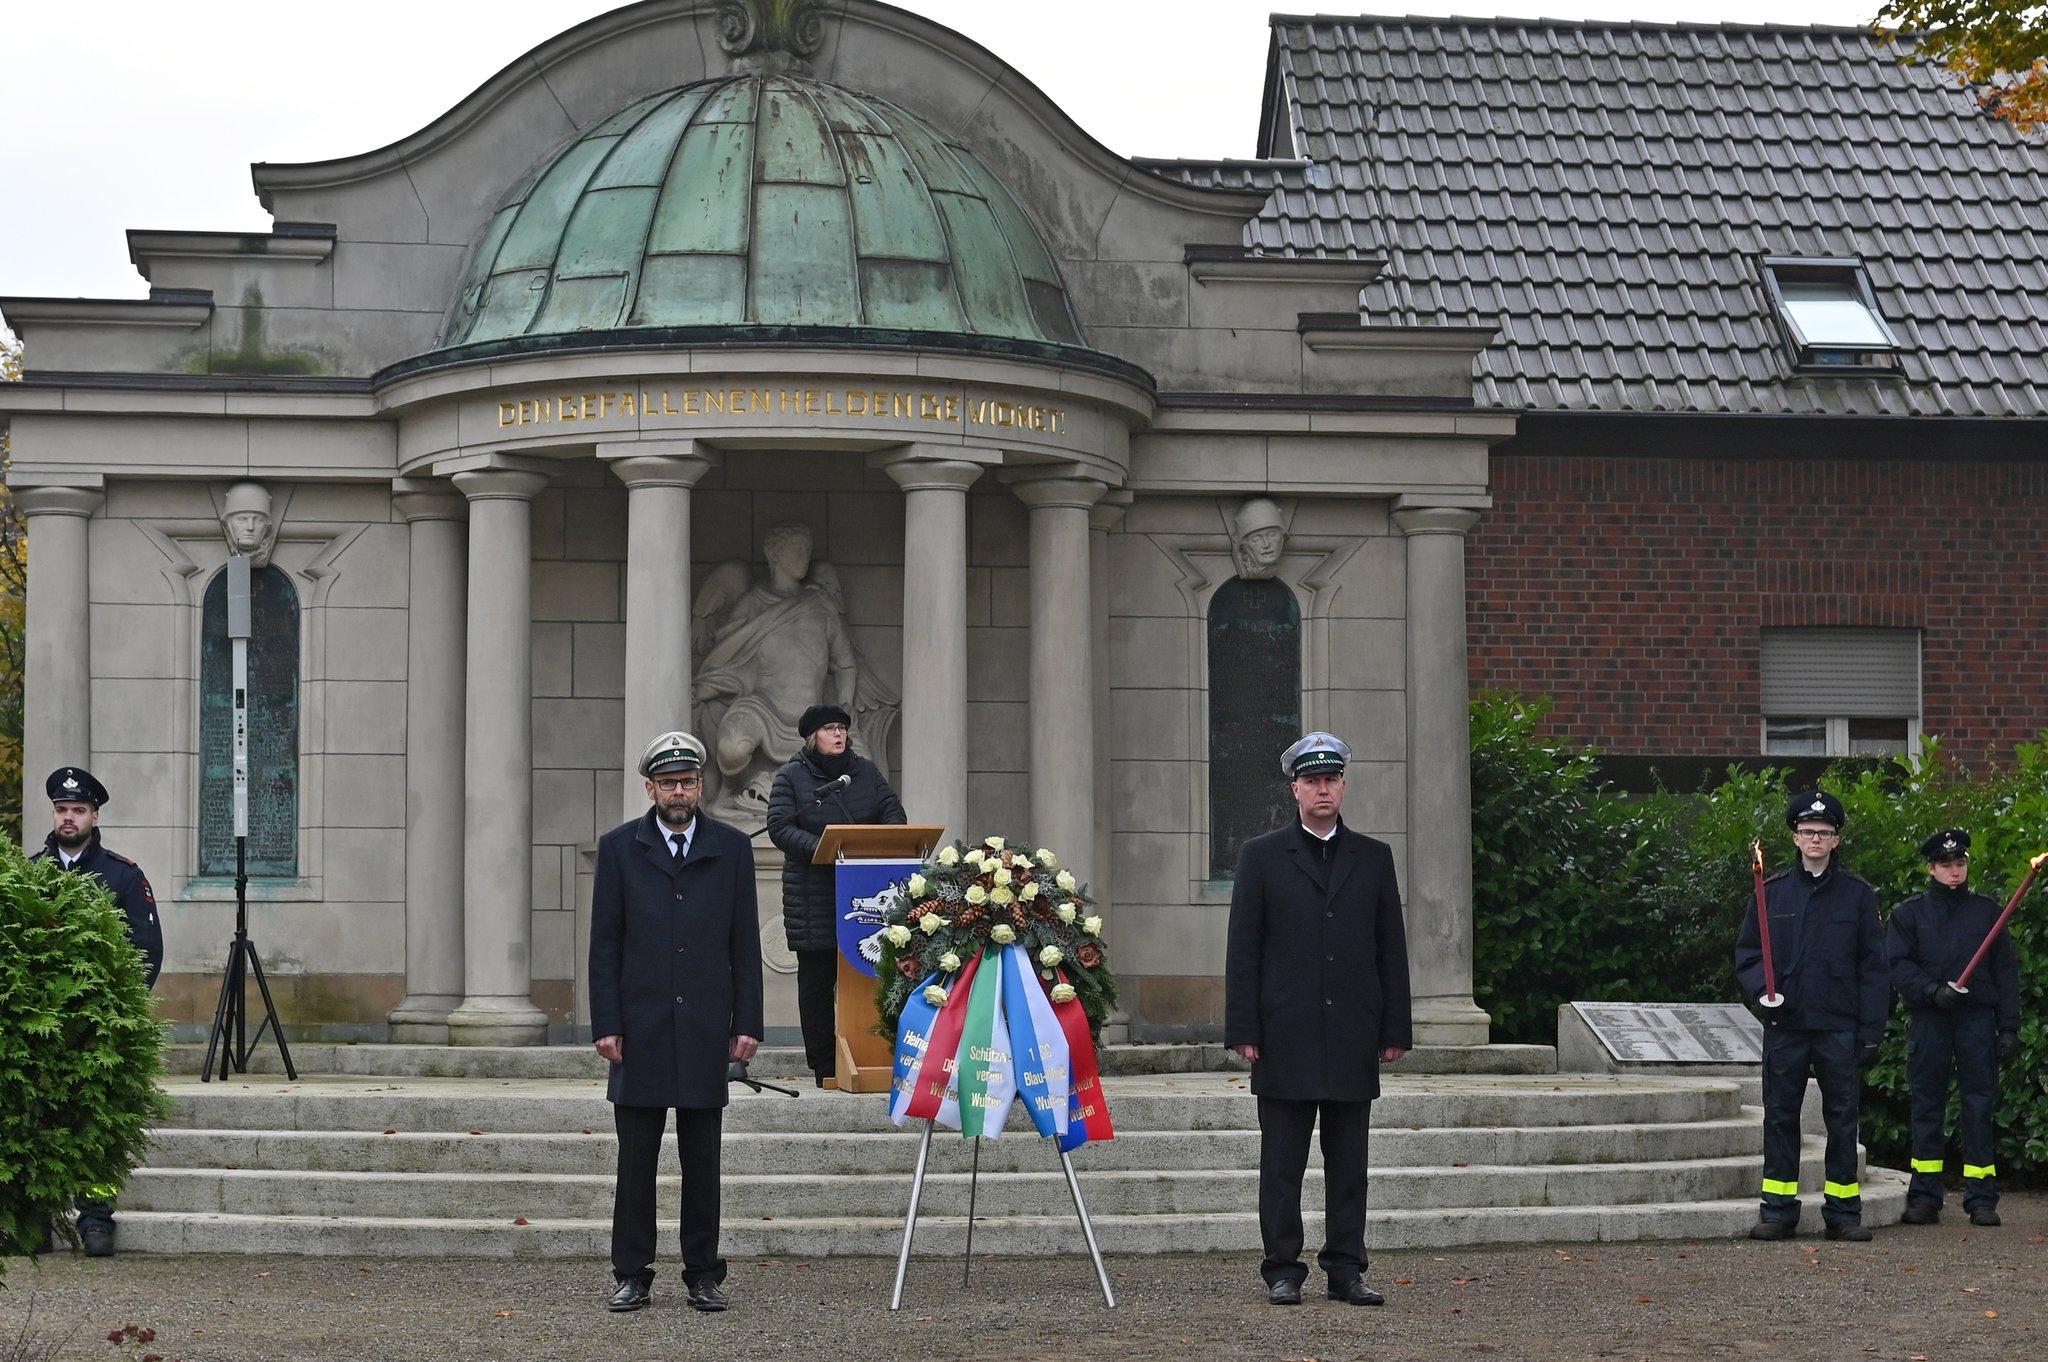 Volkstrauertag: Gedenkfeier am Wulfener Ehrenmal mit vielen Vereinen und Besuchern - Lokalkompass.de